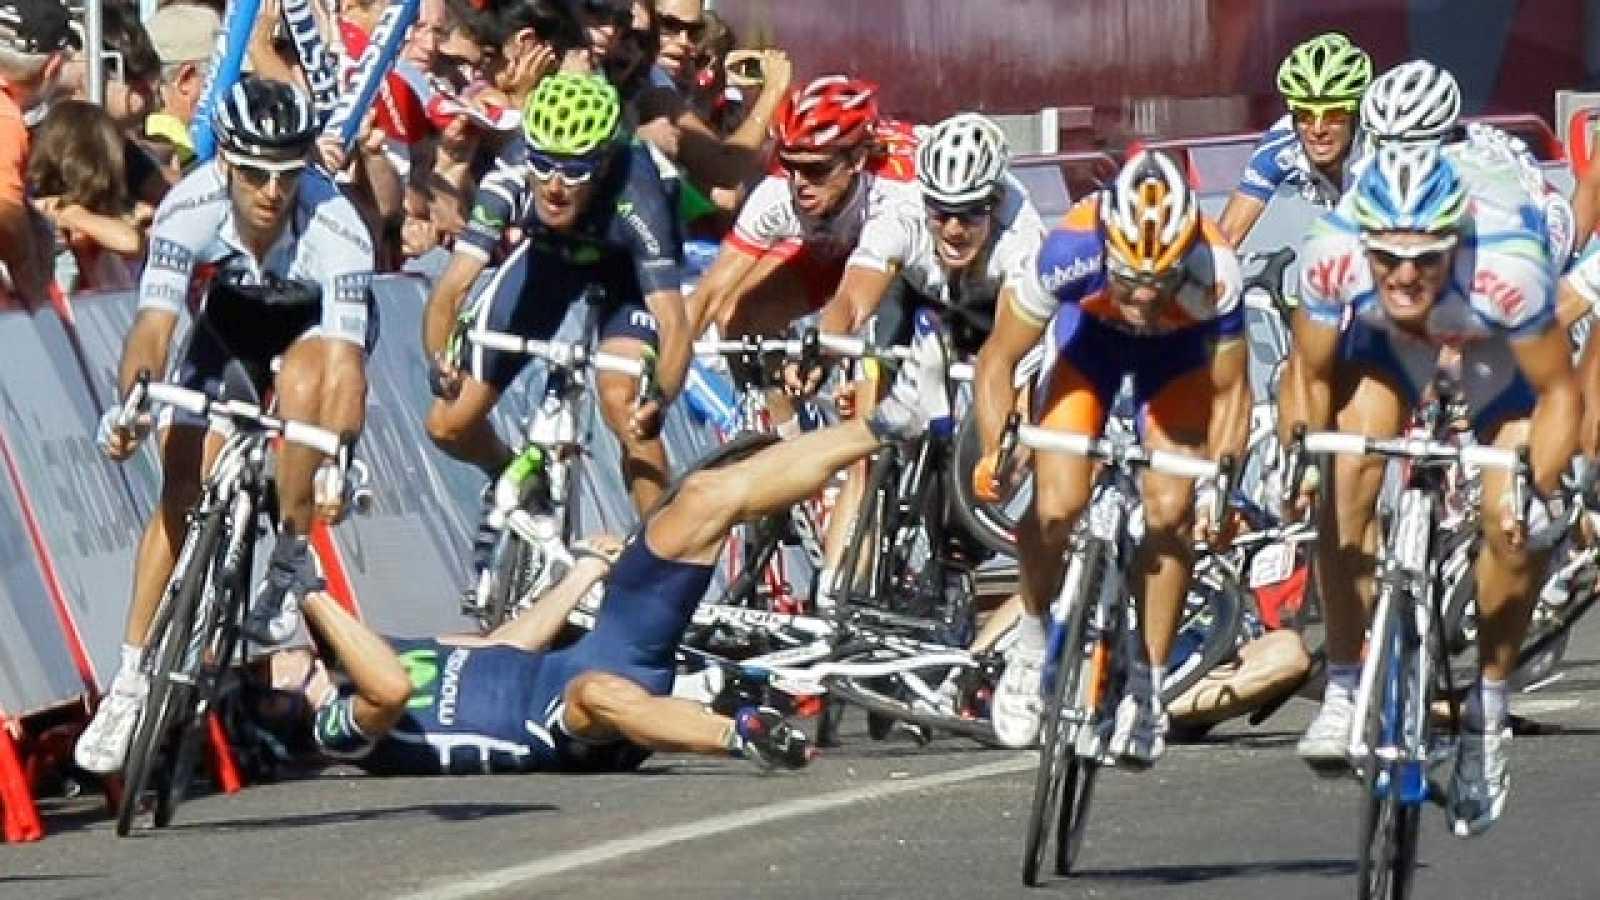 El final de la séptima etapa de la Vuelta 2011, con final en Talavera, se ha visto marcado por una 'montonera' en el inicio del sprint final